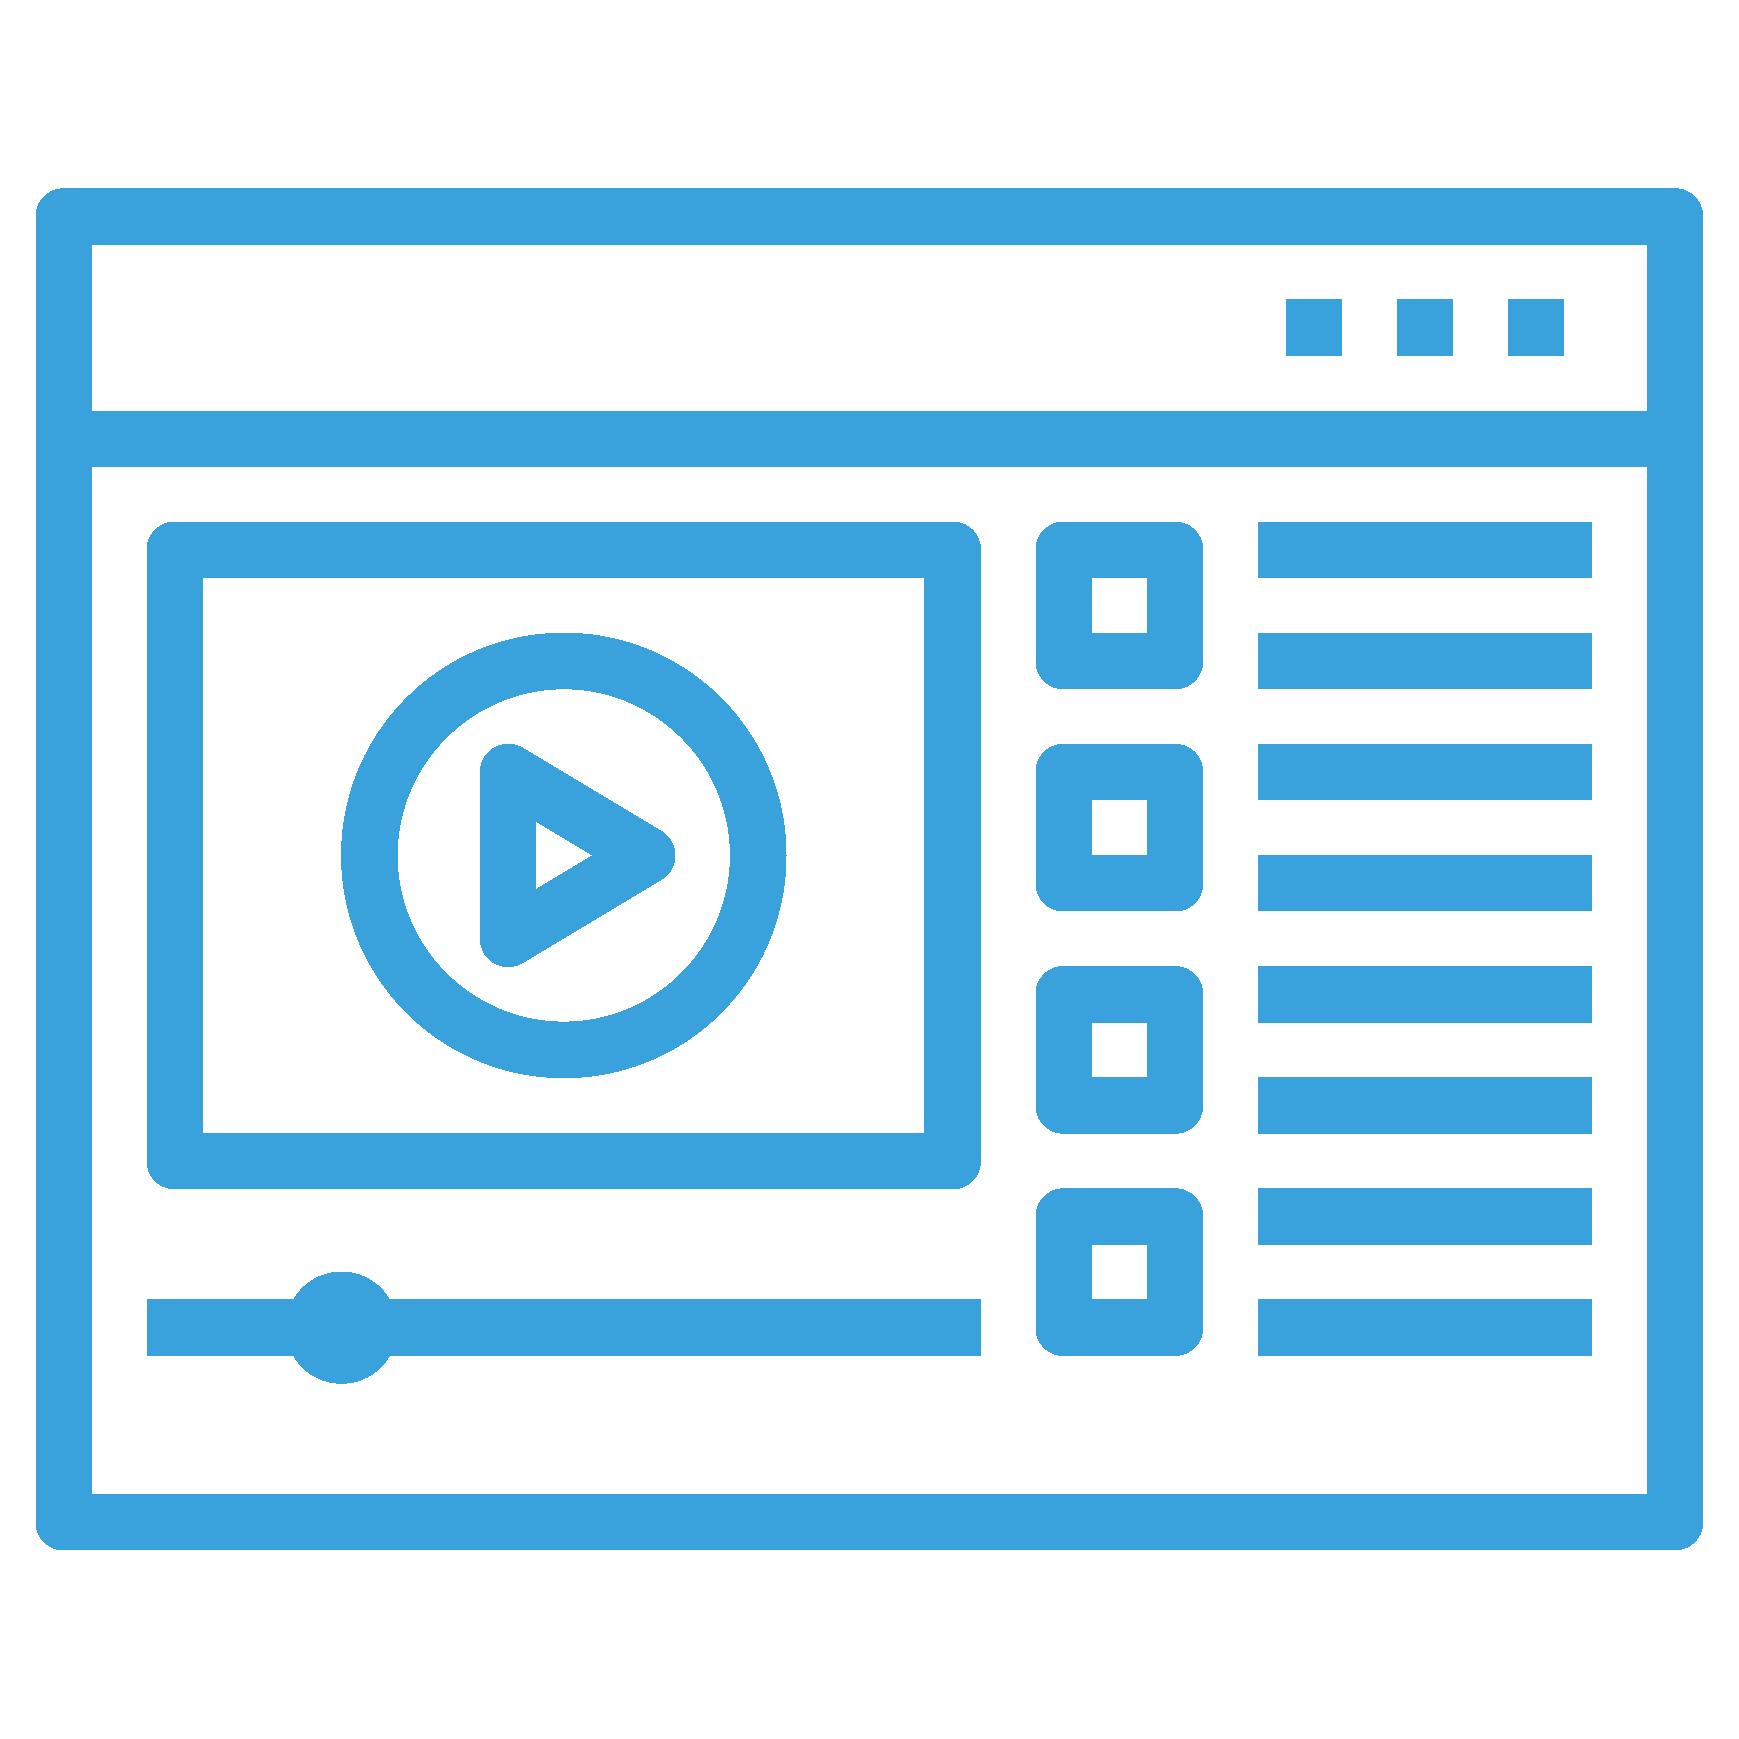 07_VideoContent_Icon-01